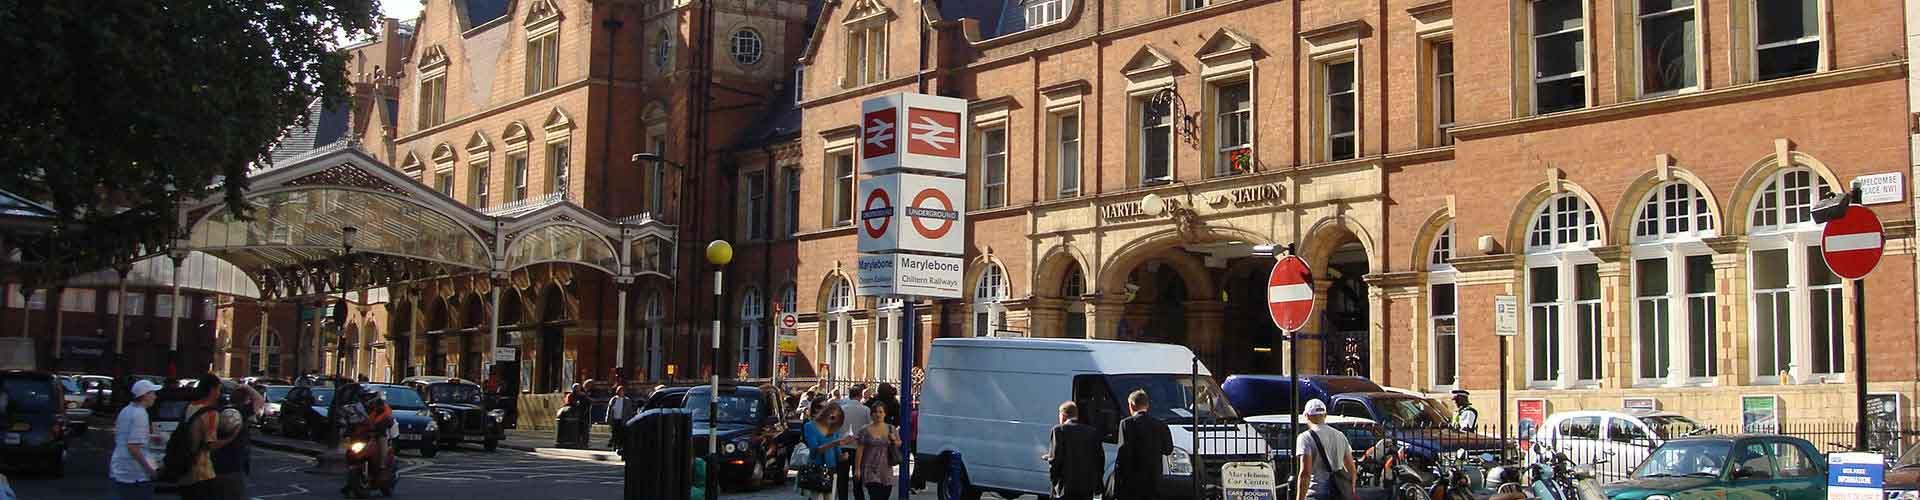 ロンドン – Marylebone地区のユースホステル. 地図 ロンドン, すべてのユースホステルの写真とレビュー ロンドン.